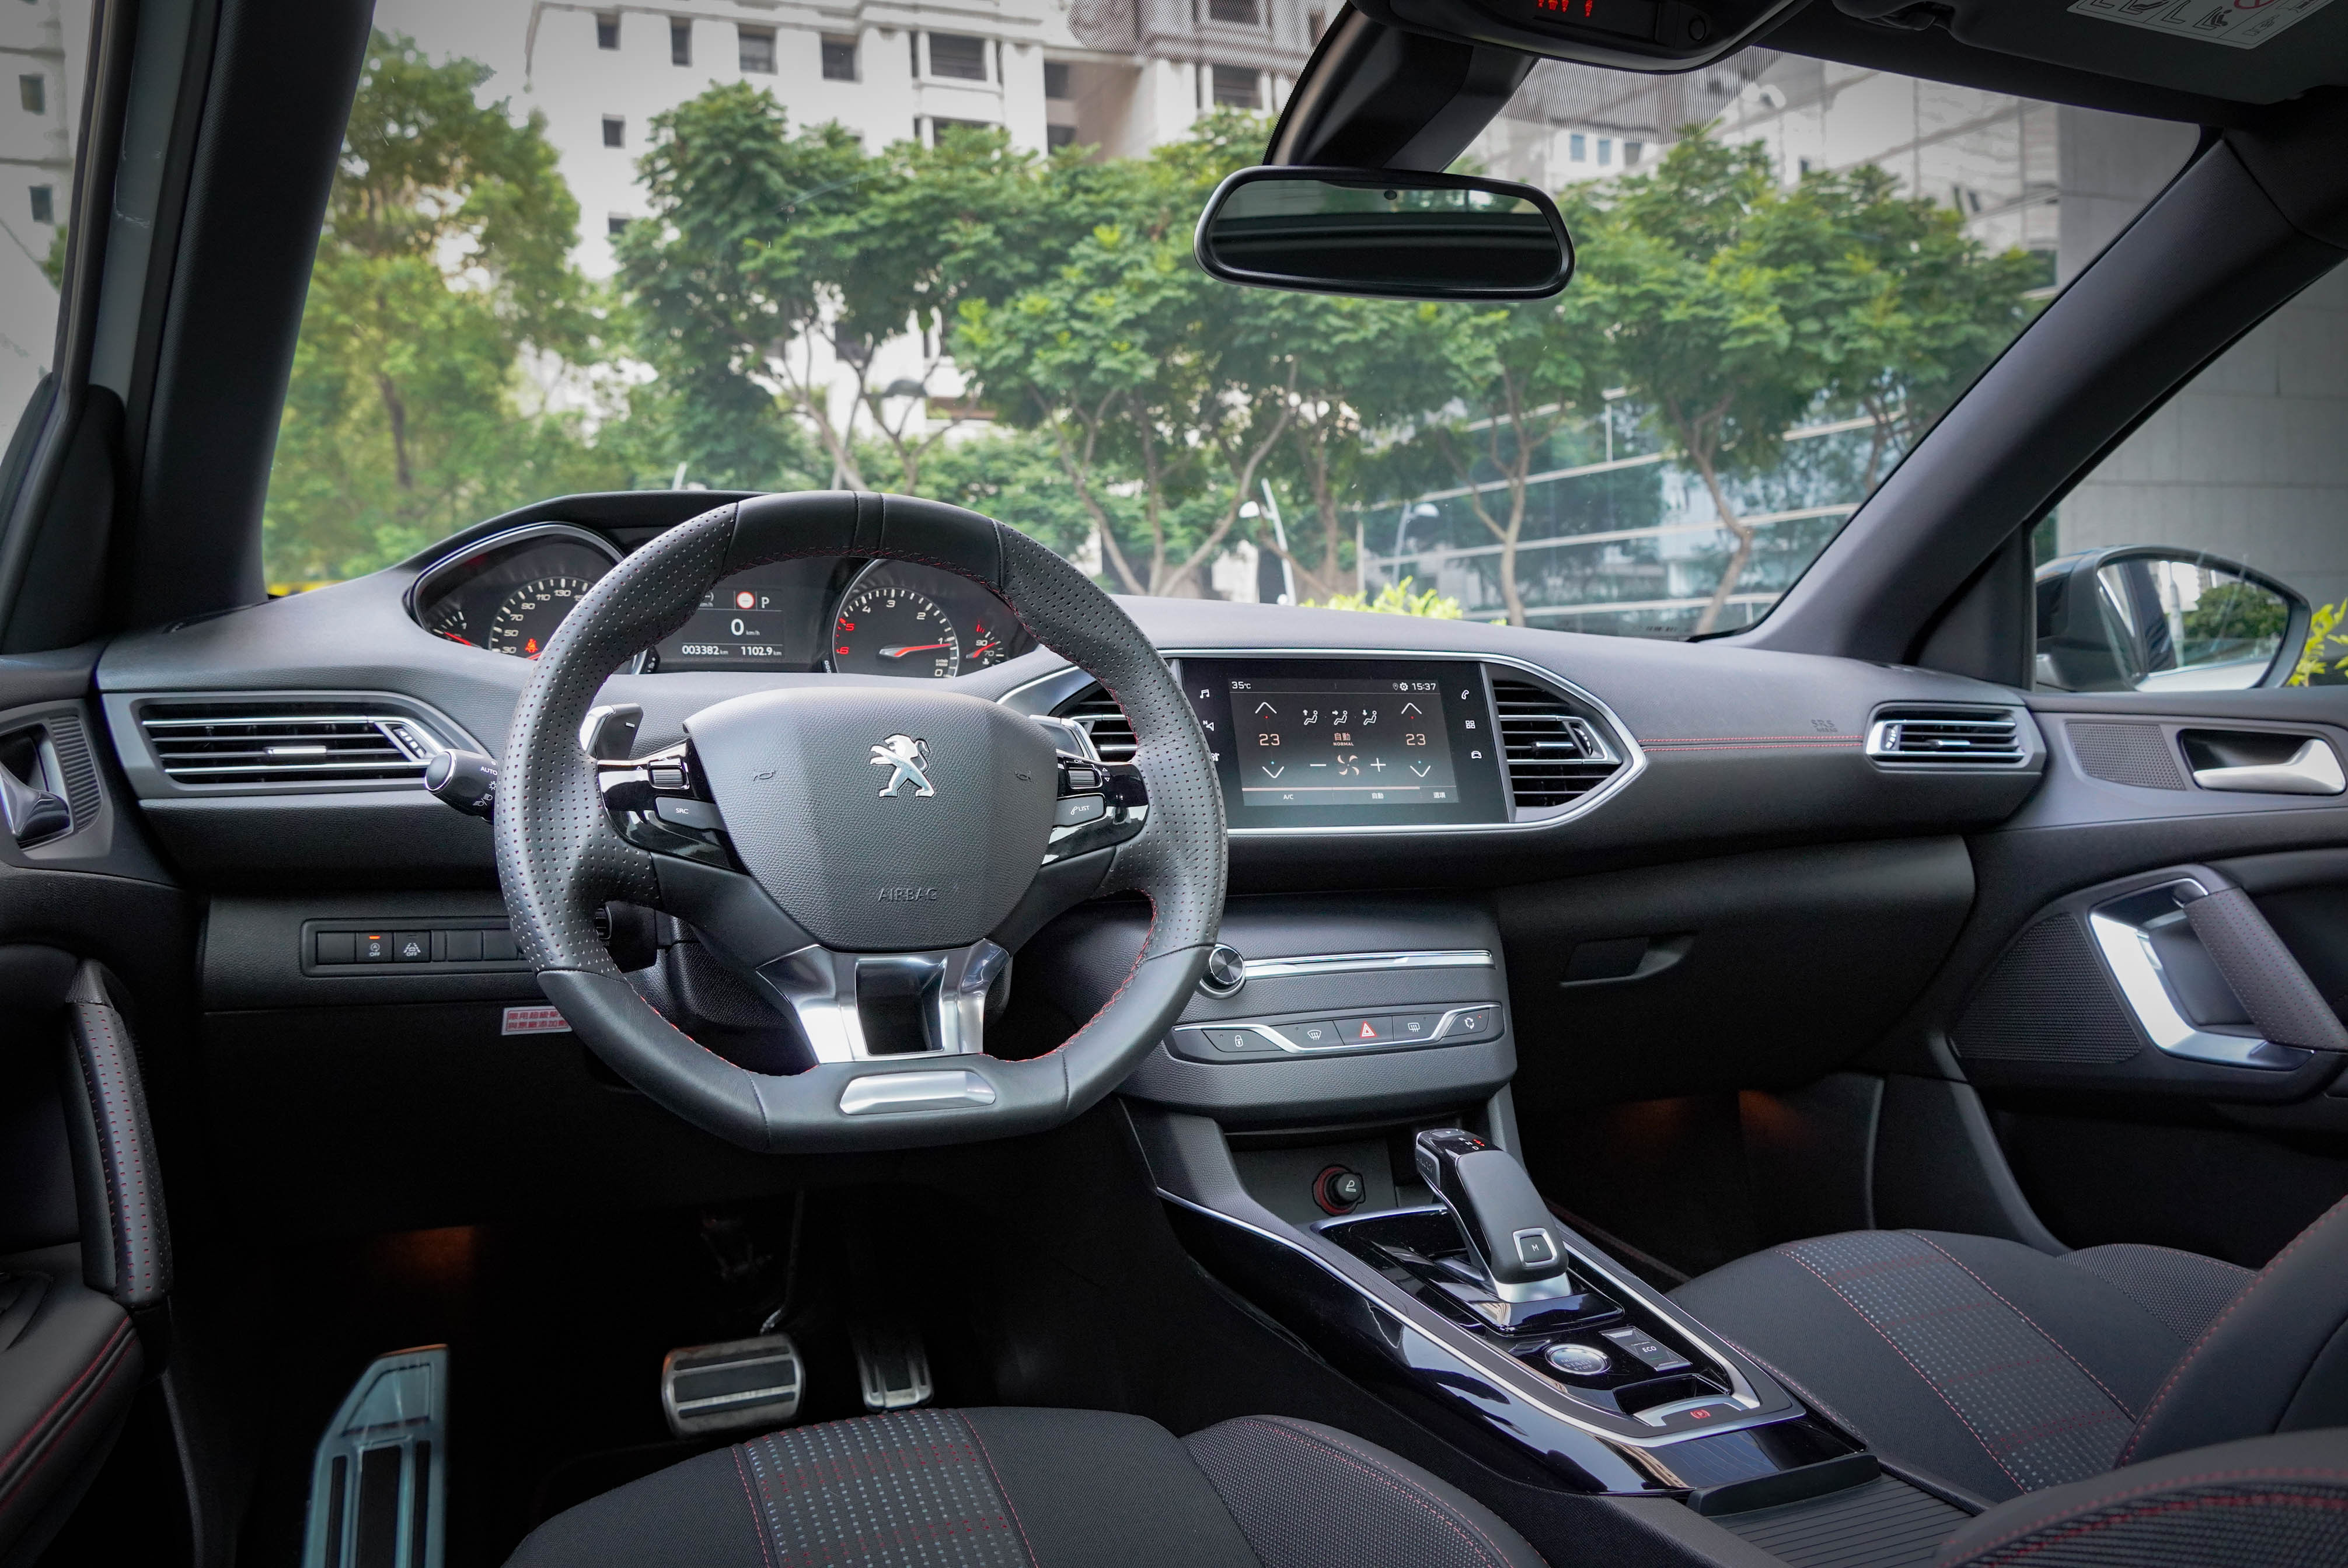 Peugeot 308 特仕版擁有駕駛導向的內裝鋪陳,整體質感又比 2008 更好。